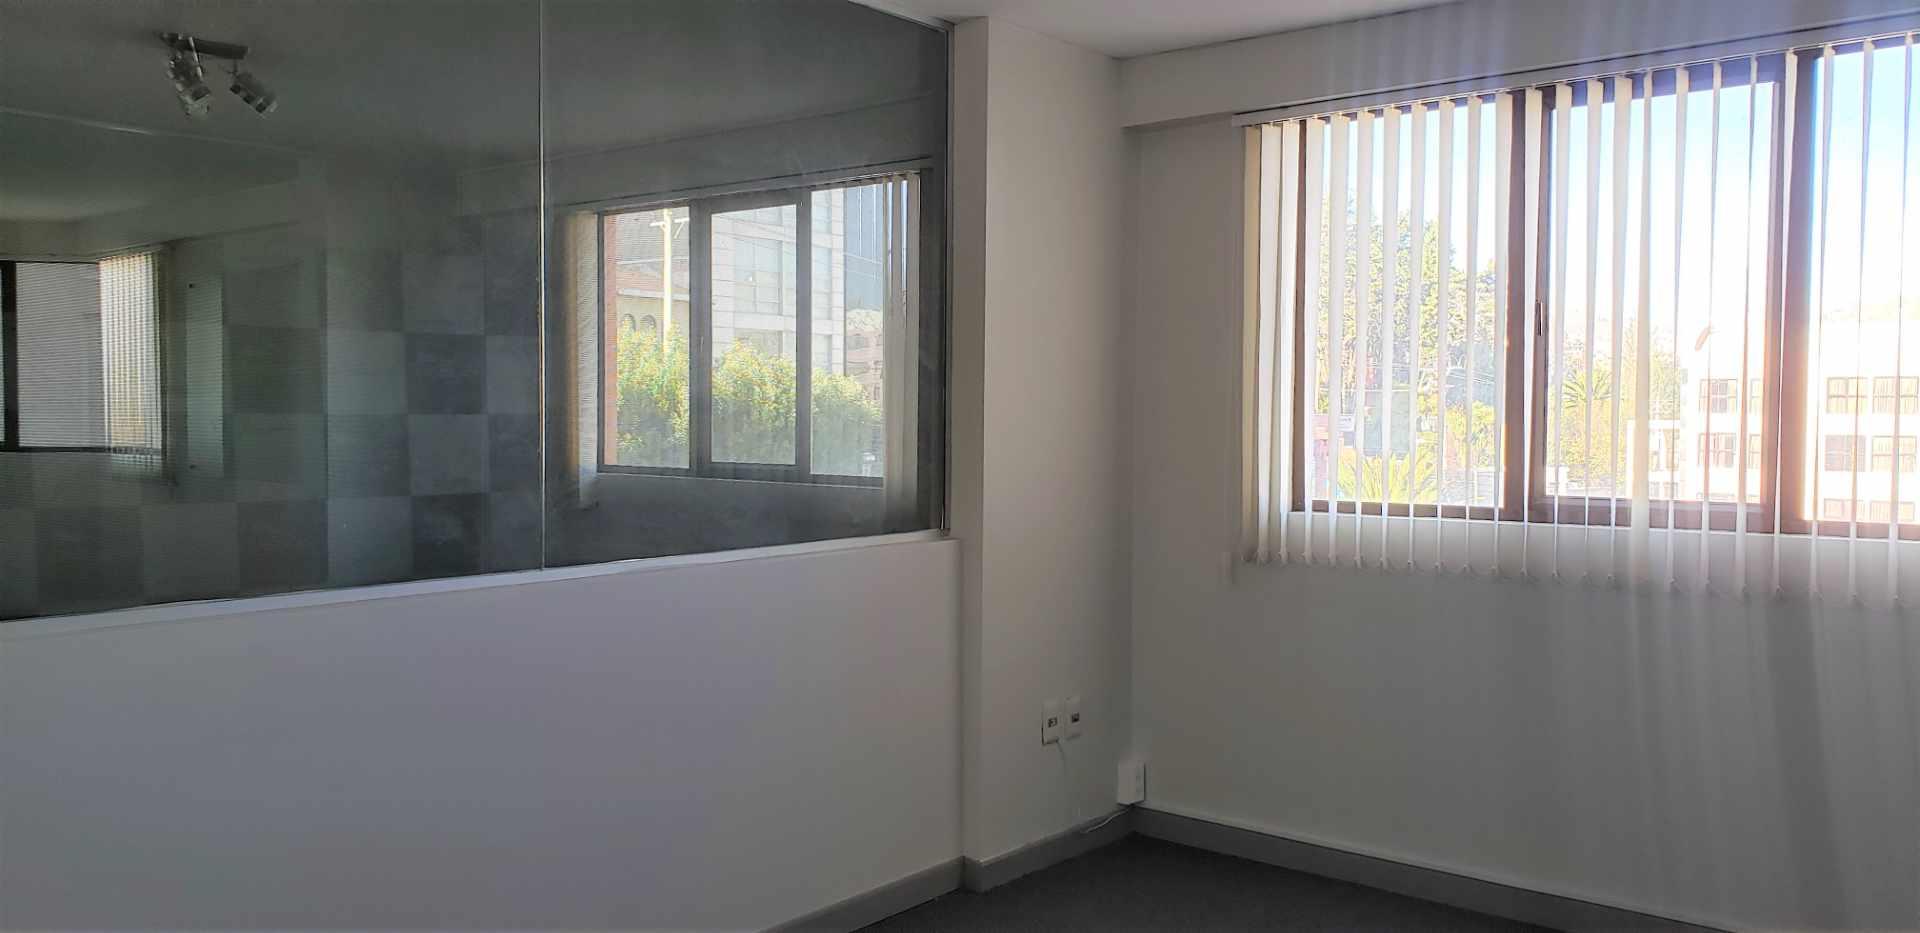 Oficina en Venta OBRAJES, OFICINA EN VENTA  Foto 8